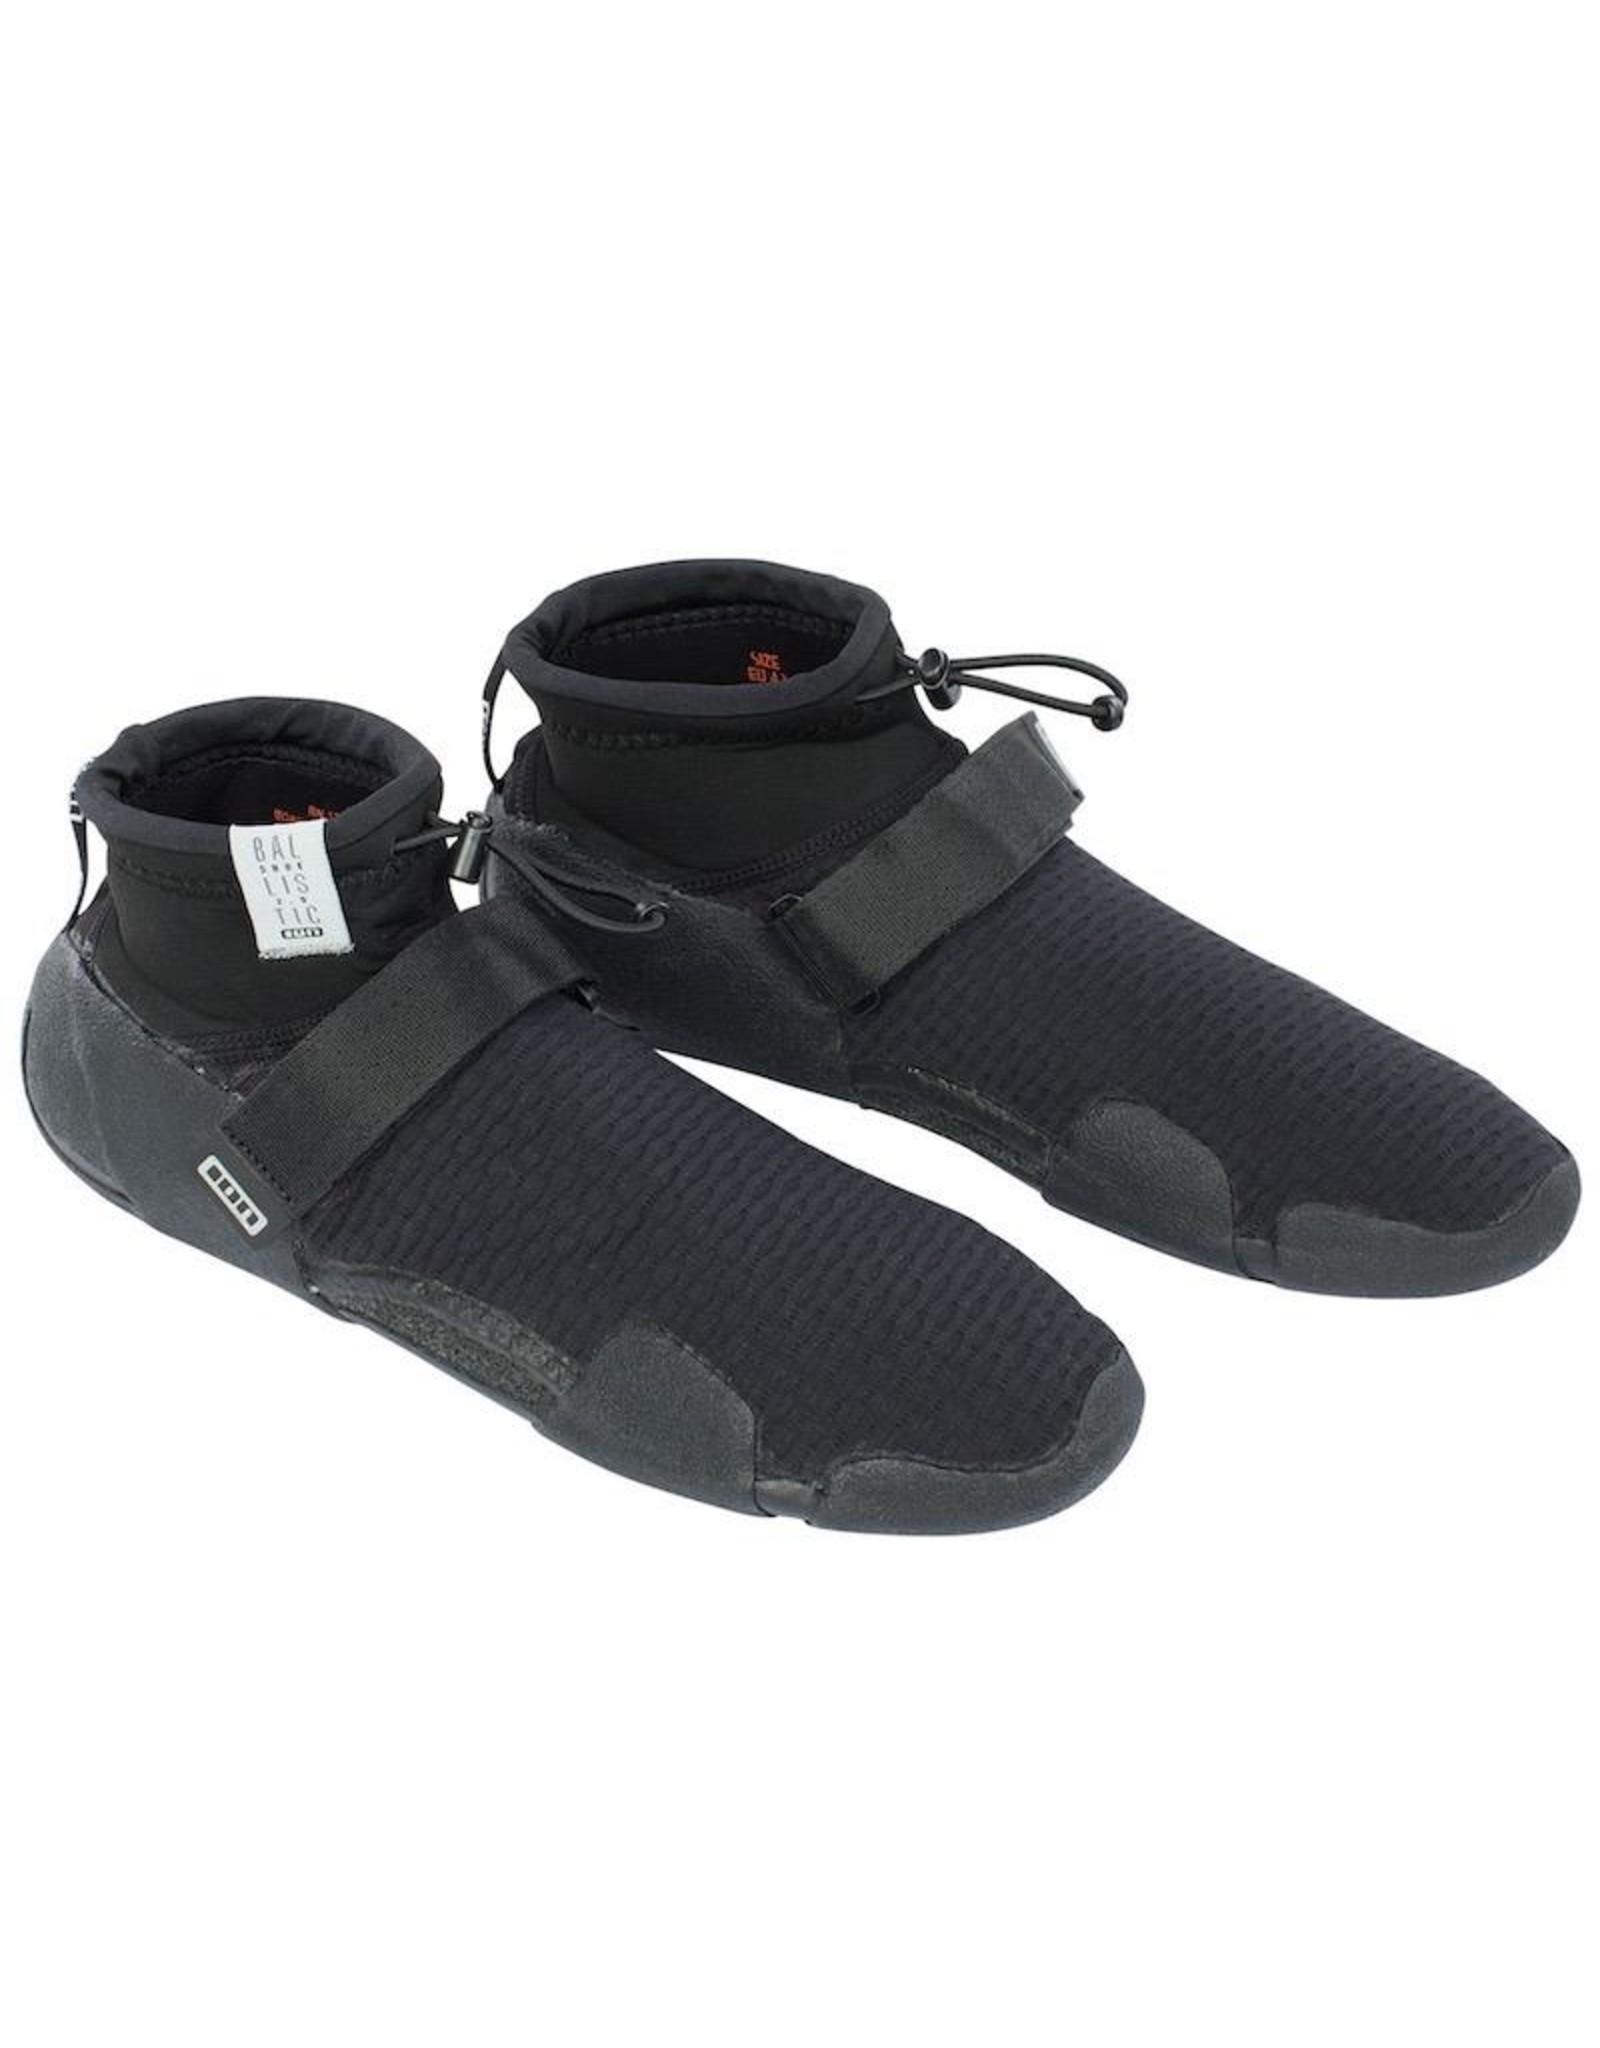 ION ION - 2,5 - Ballistic Shoe RT - 47-48